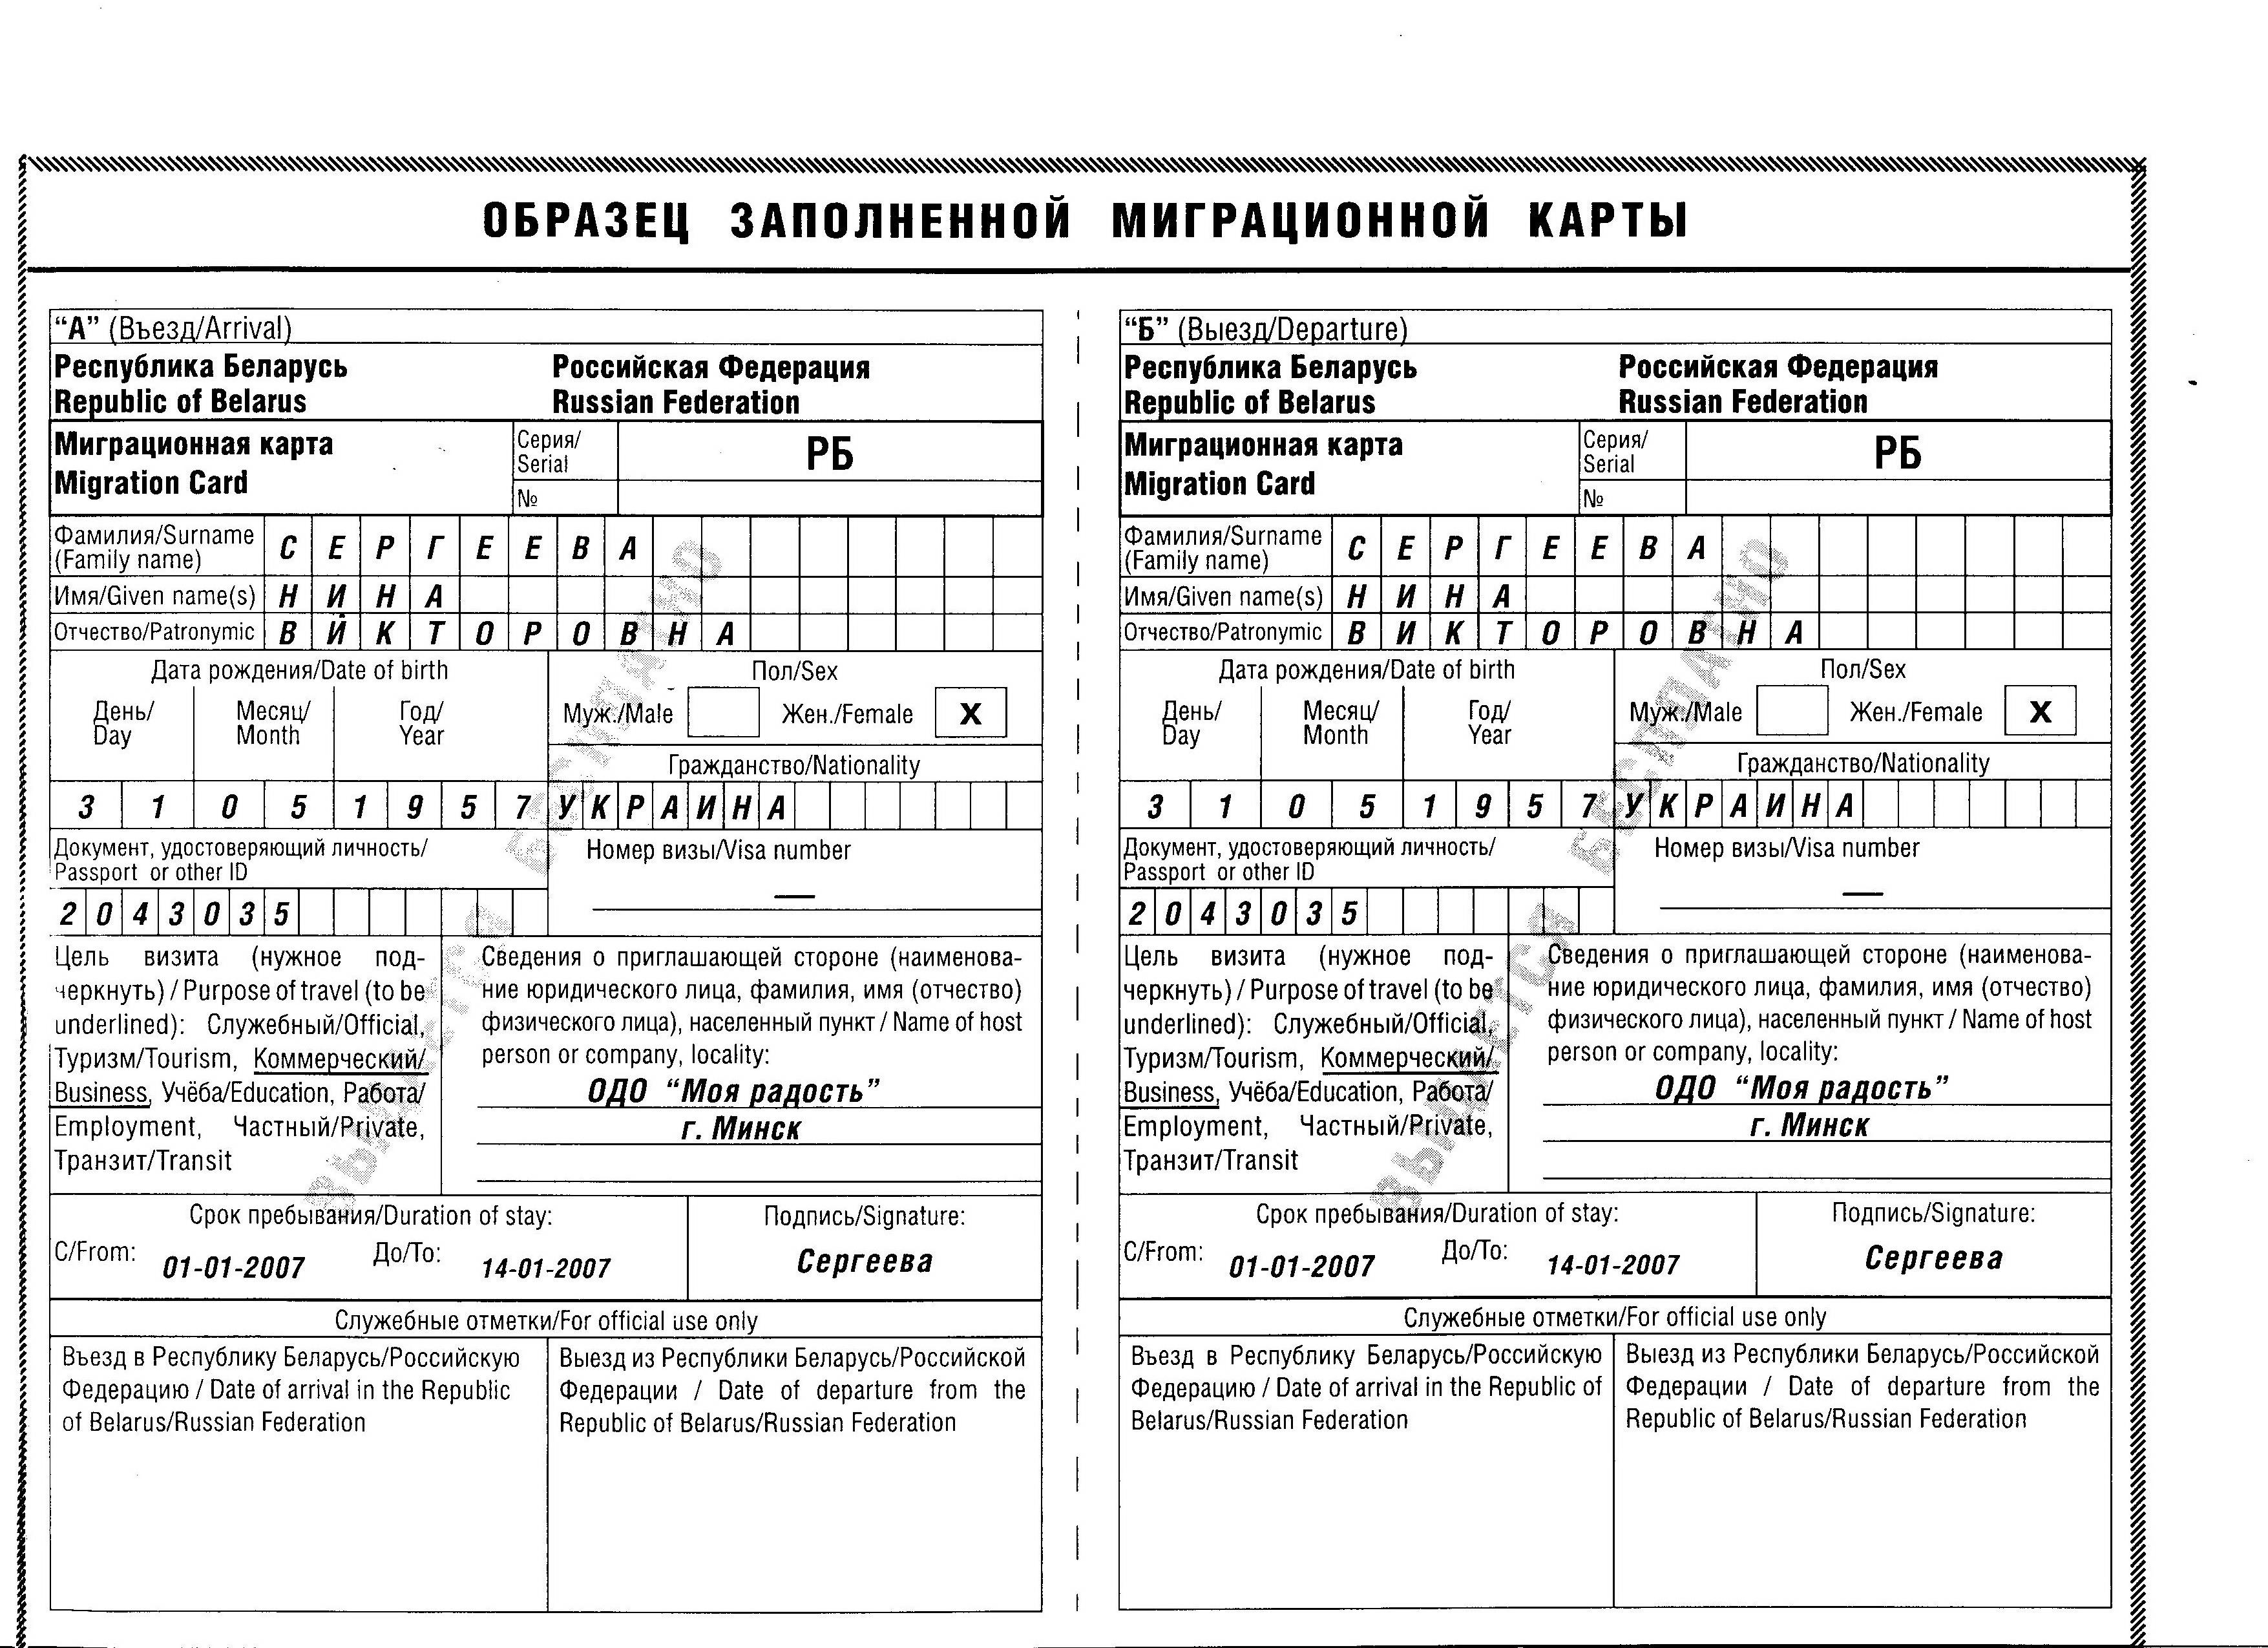 Иммиграционная карточка украины